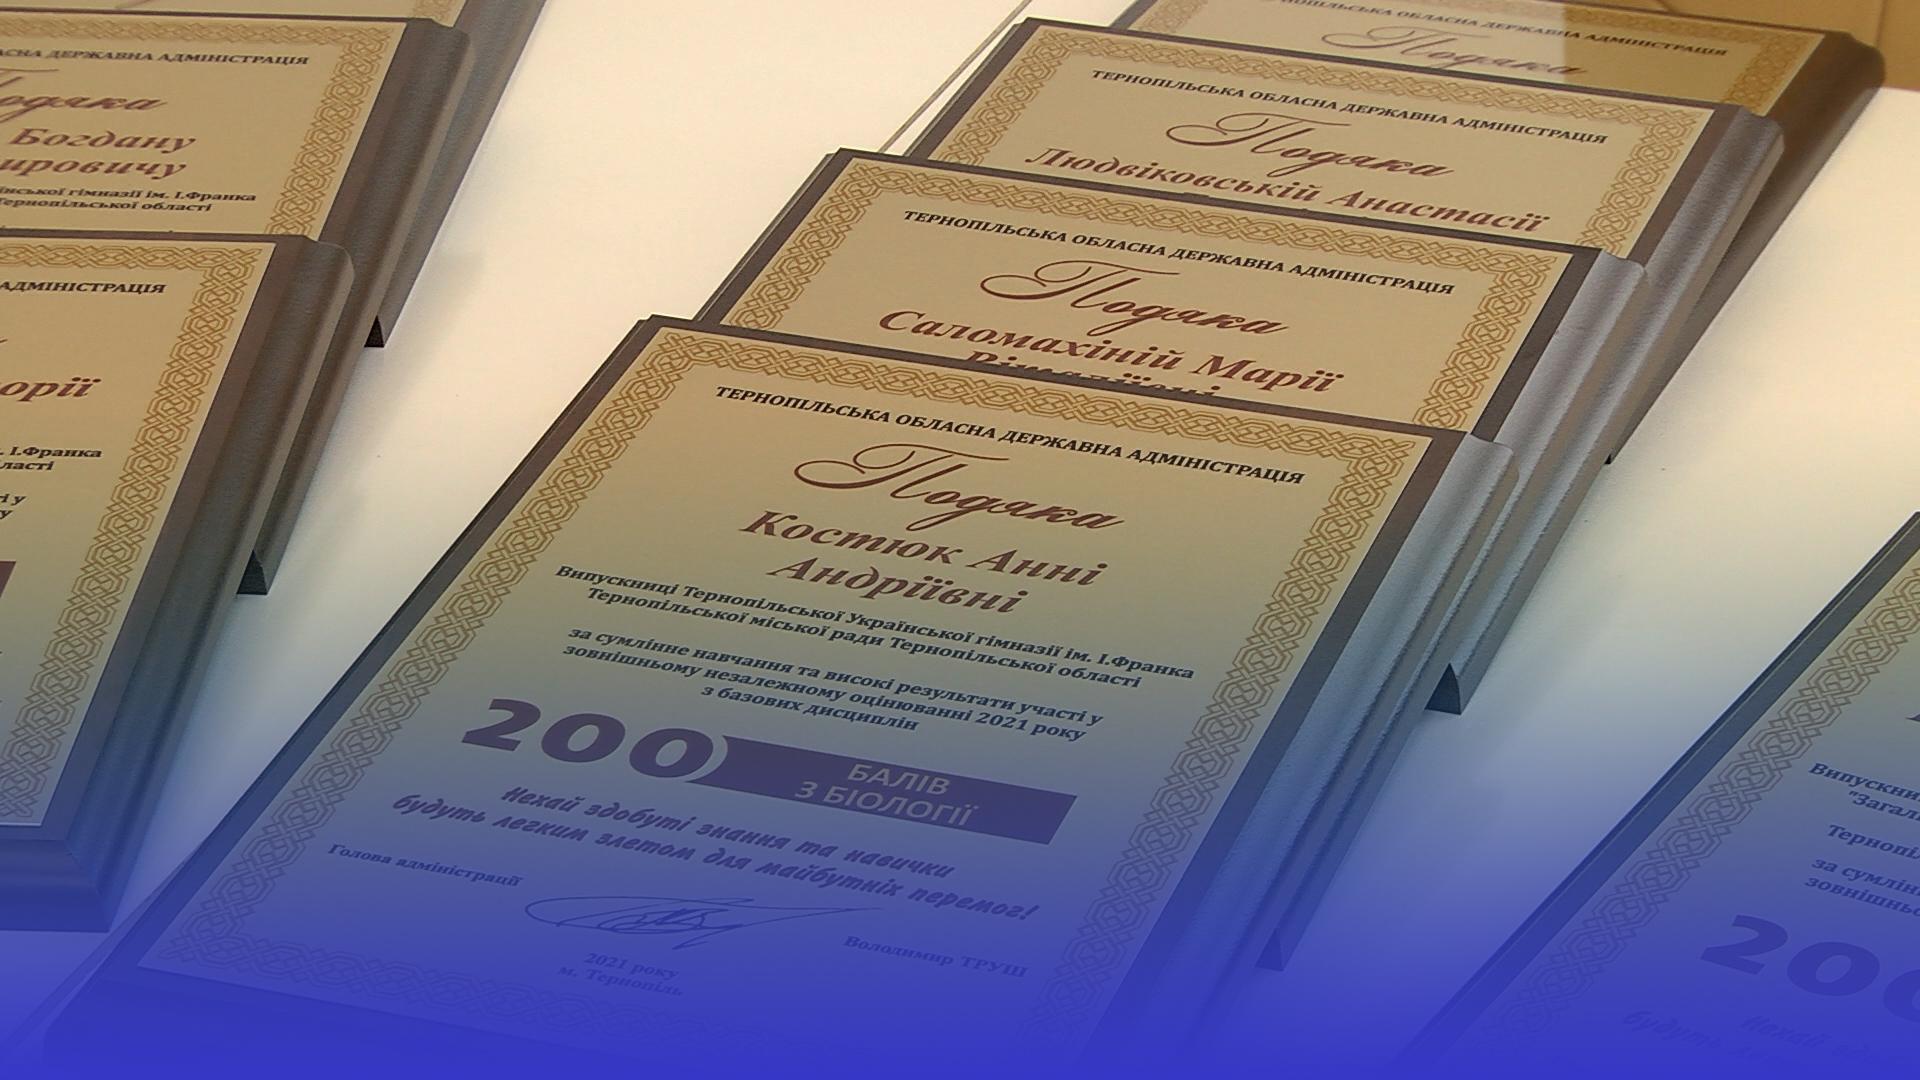 Нагородили учнів, які набрали 200 балів на ЗНО: усі відмінники Тернопільщини отримали подяки та гроші